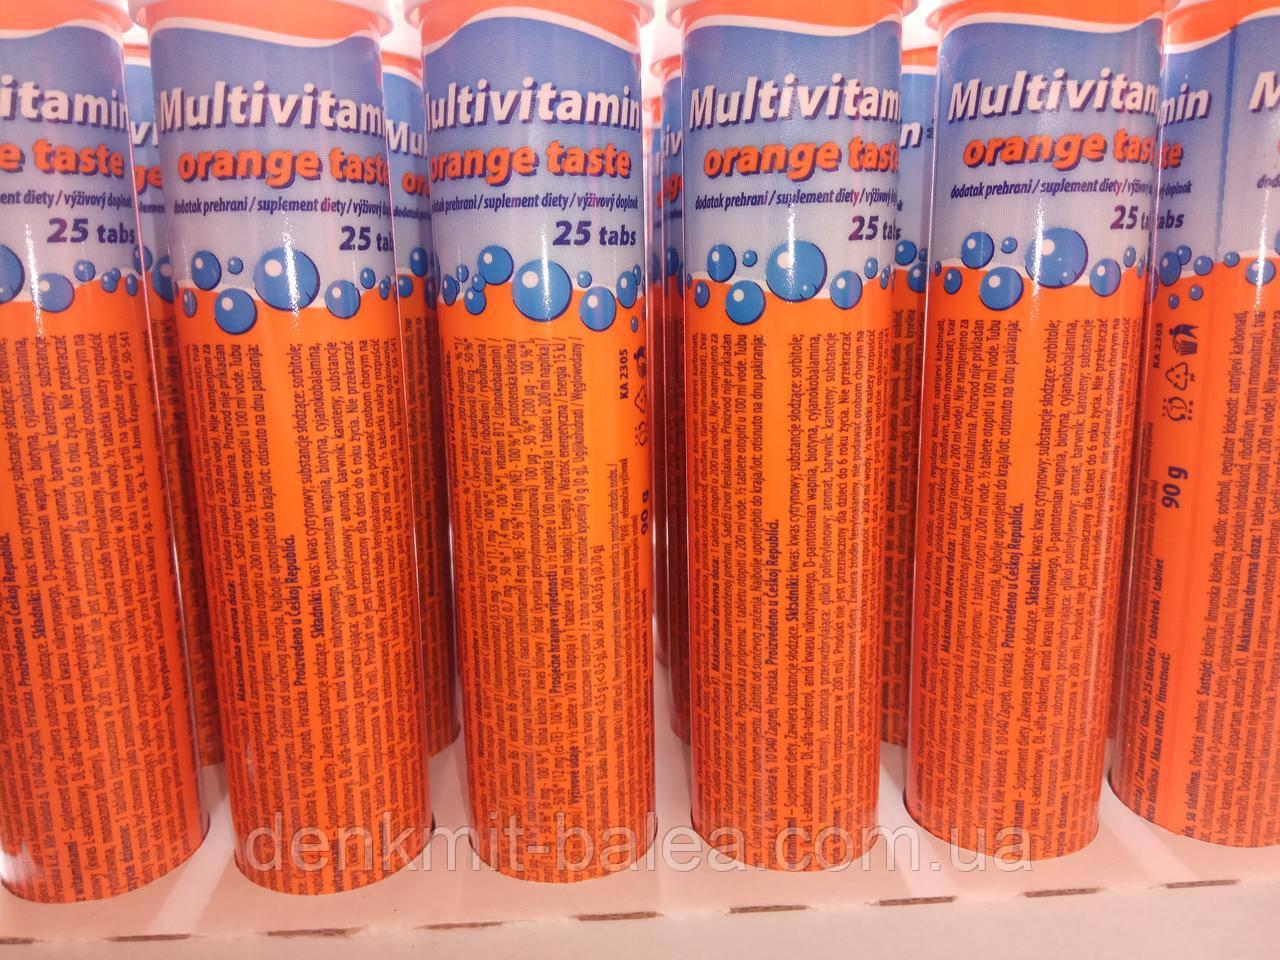 Биологически активные таблетки Мультивитамин для активизации обмена веществ  Multi Vitamin 25 шт